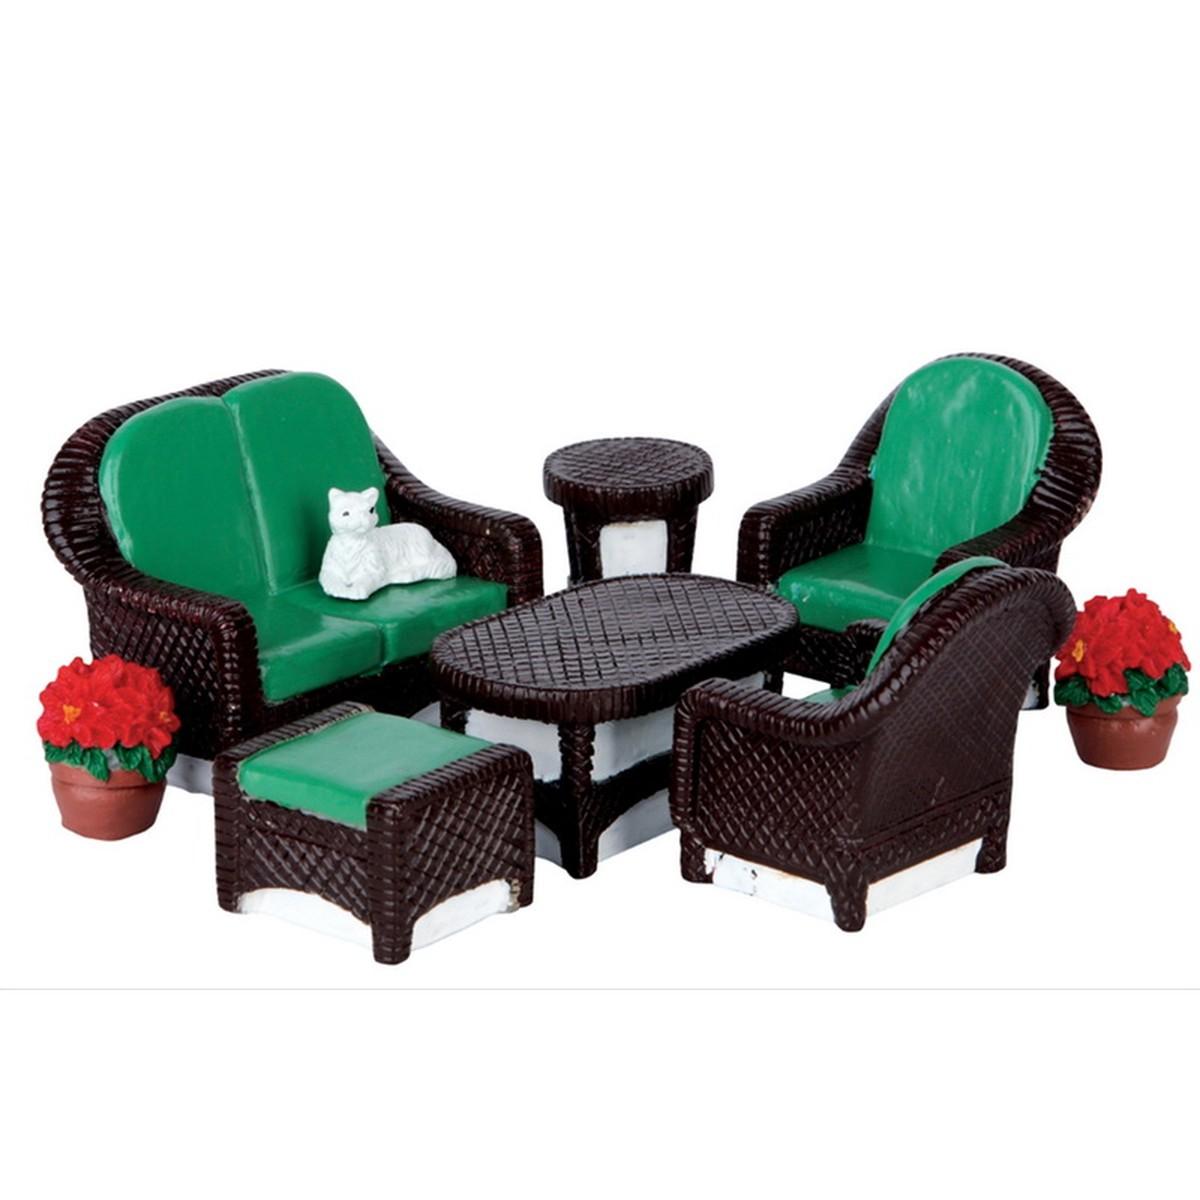 Lemax le mobilier de jardin schilliger - Le mobilier de jardin ...